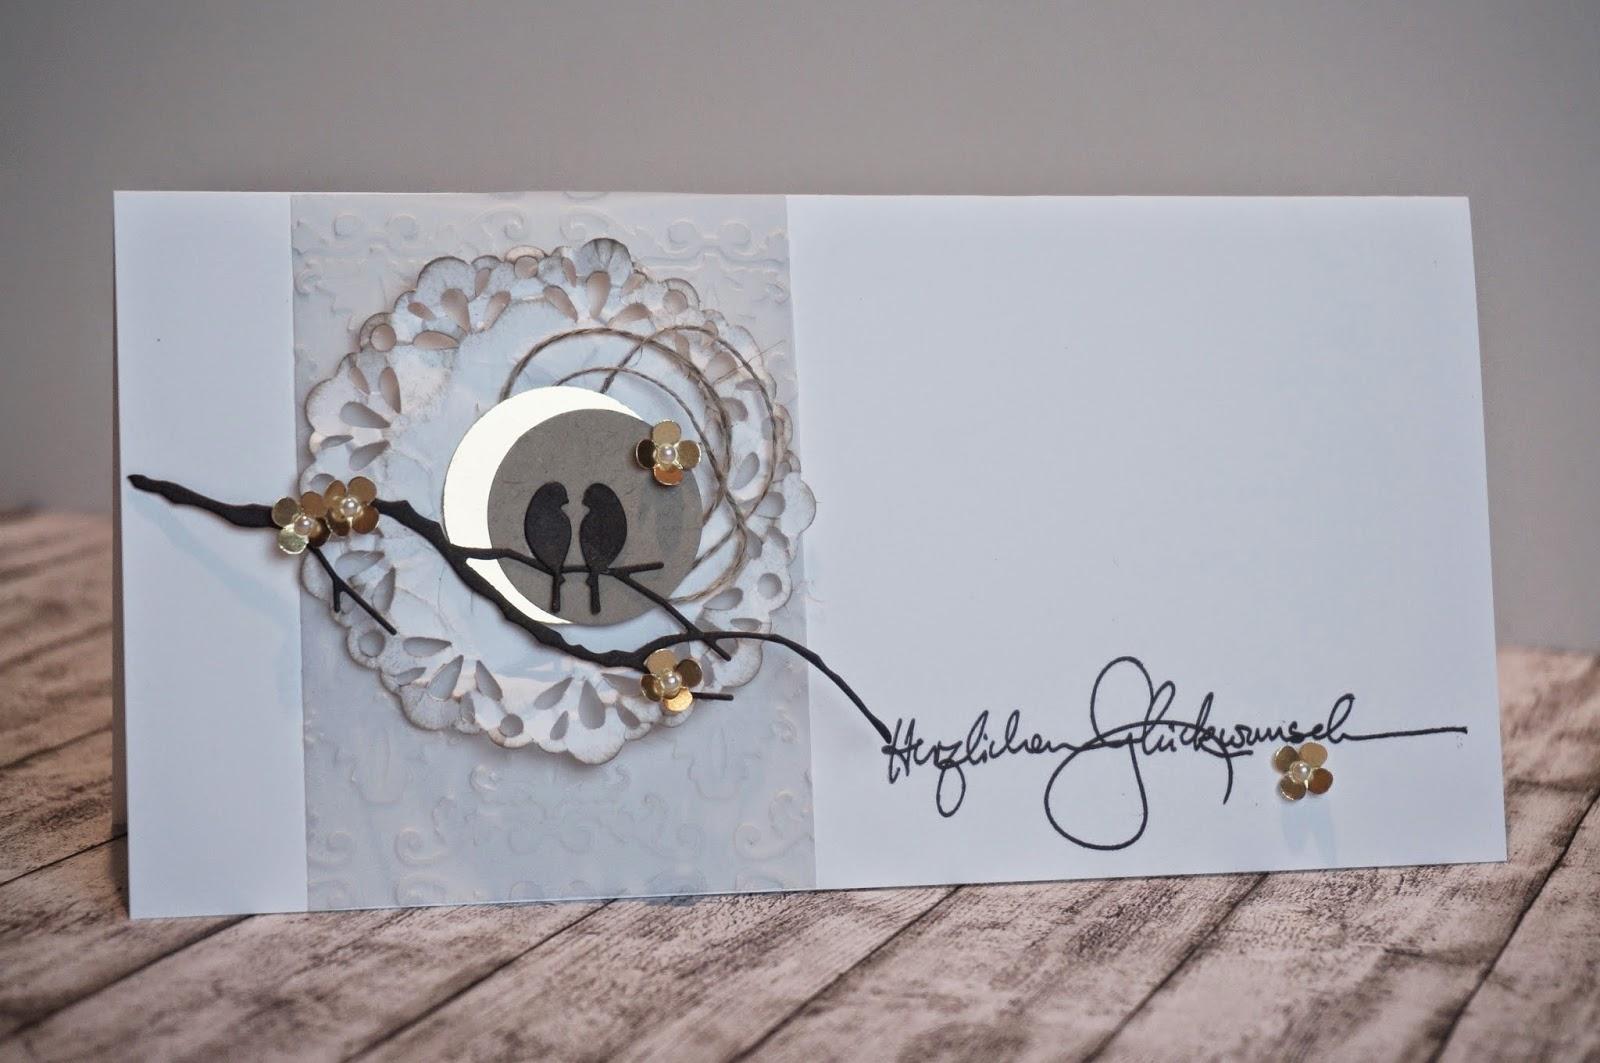 Atemberaubend Hochzeit Agenda Fotos - Bilder für das Lebenslauf ...